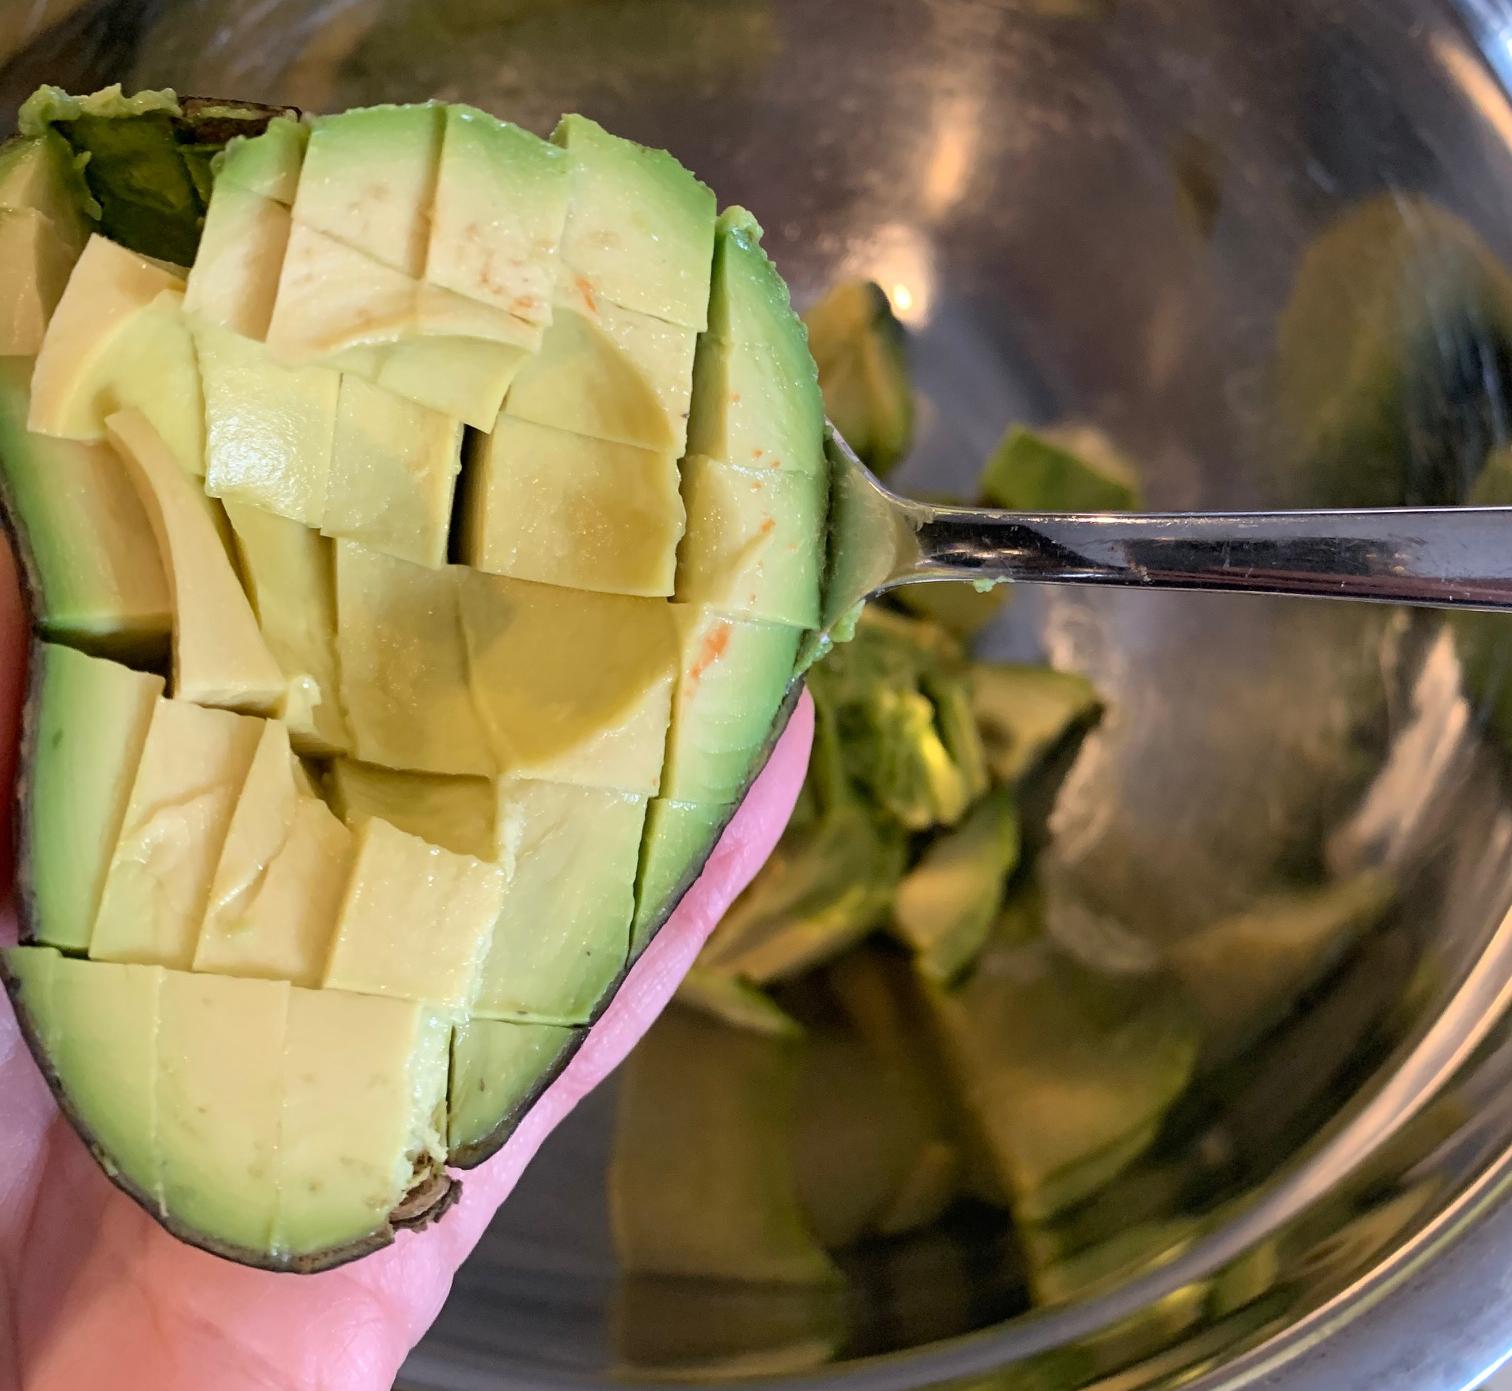 spooning avocado into bowl for guacamole recipe